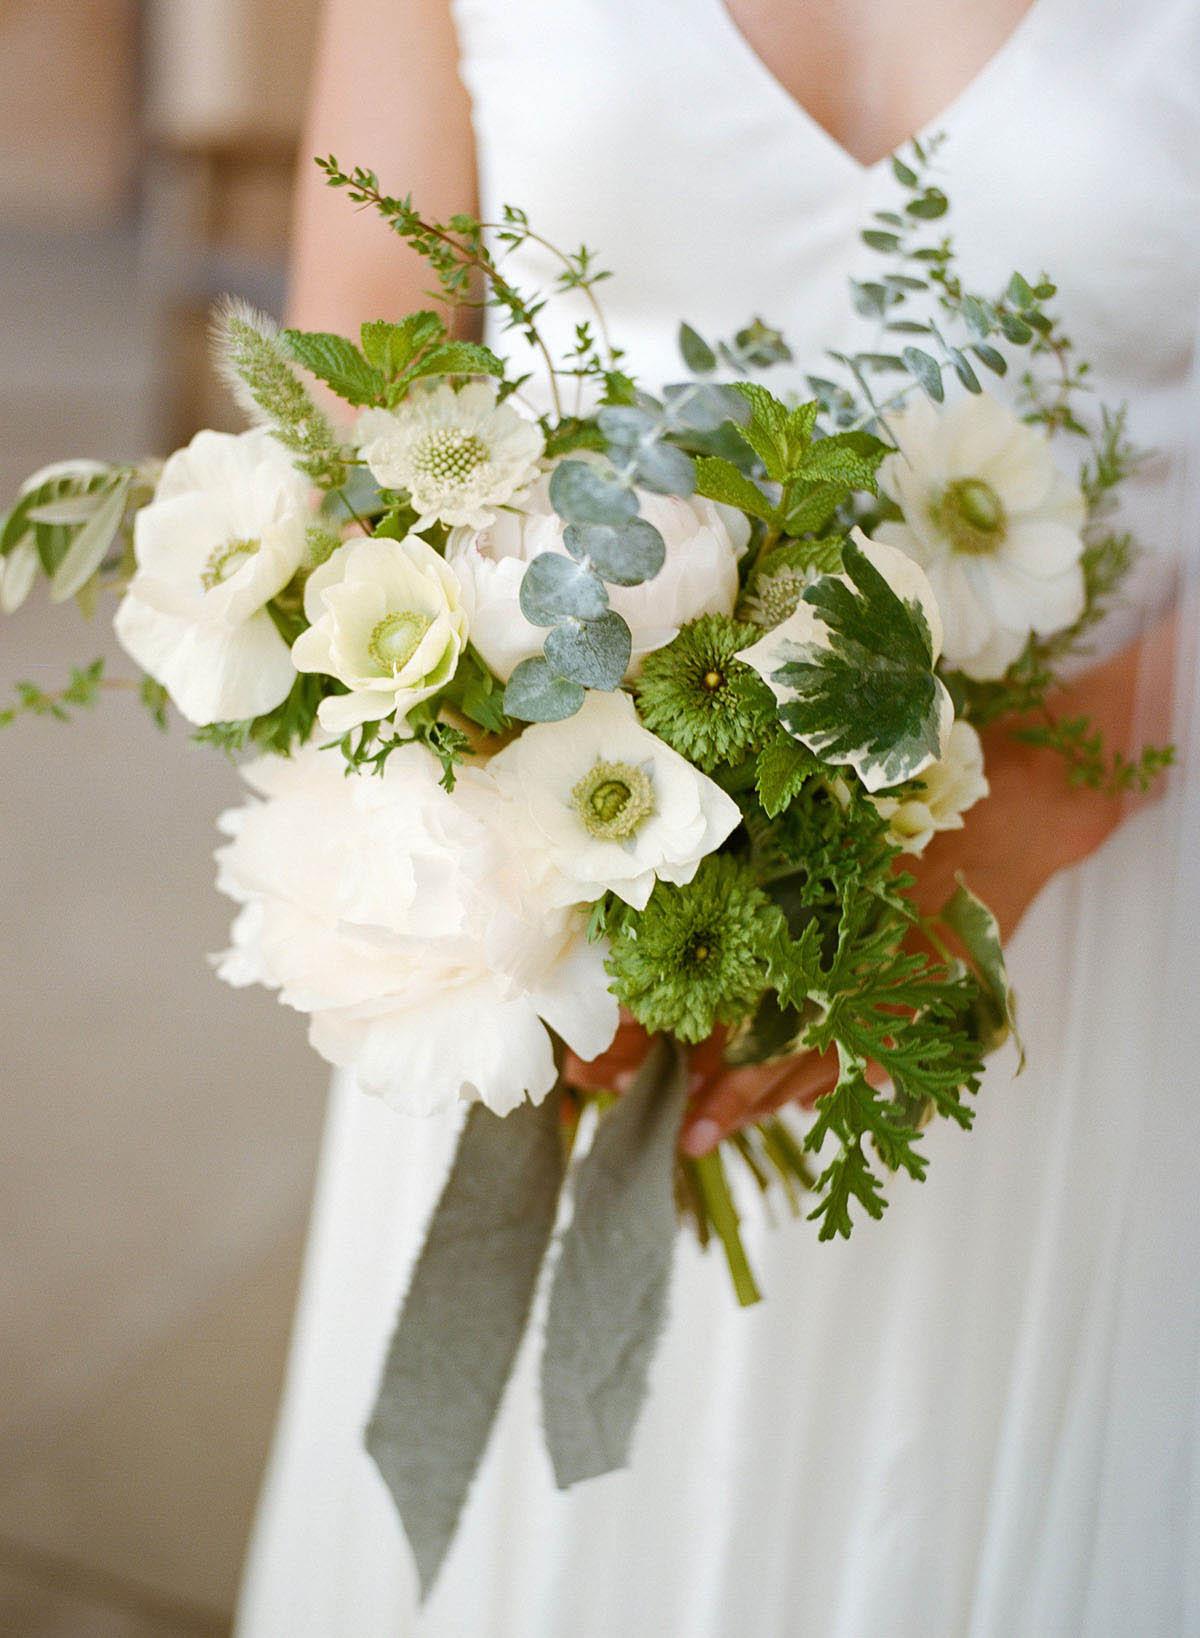 3-green-white-bouquet.jpg